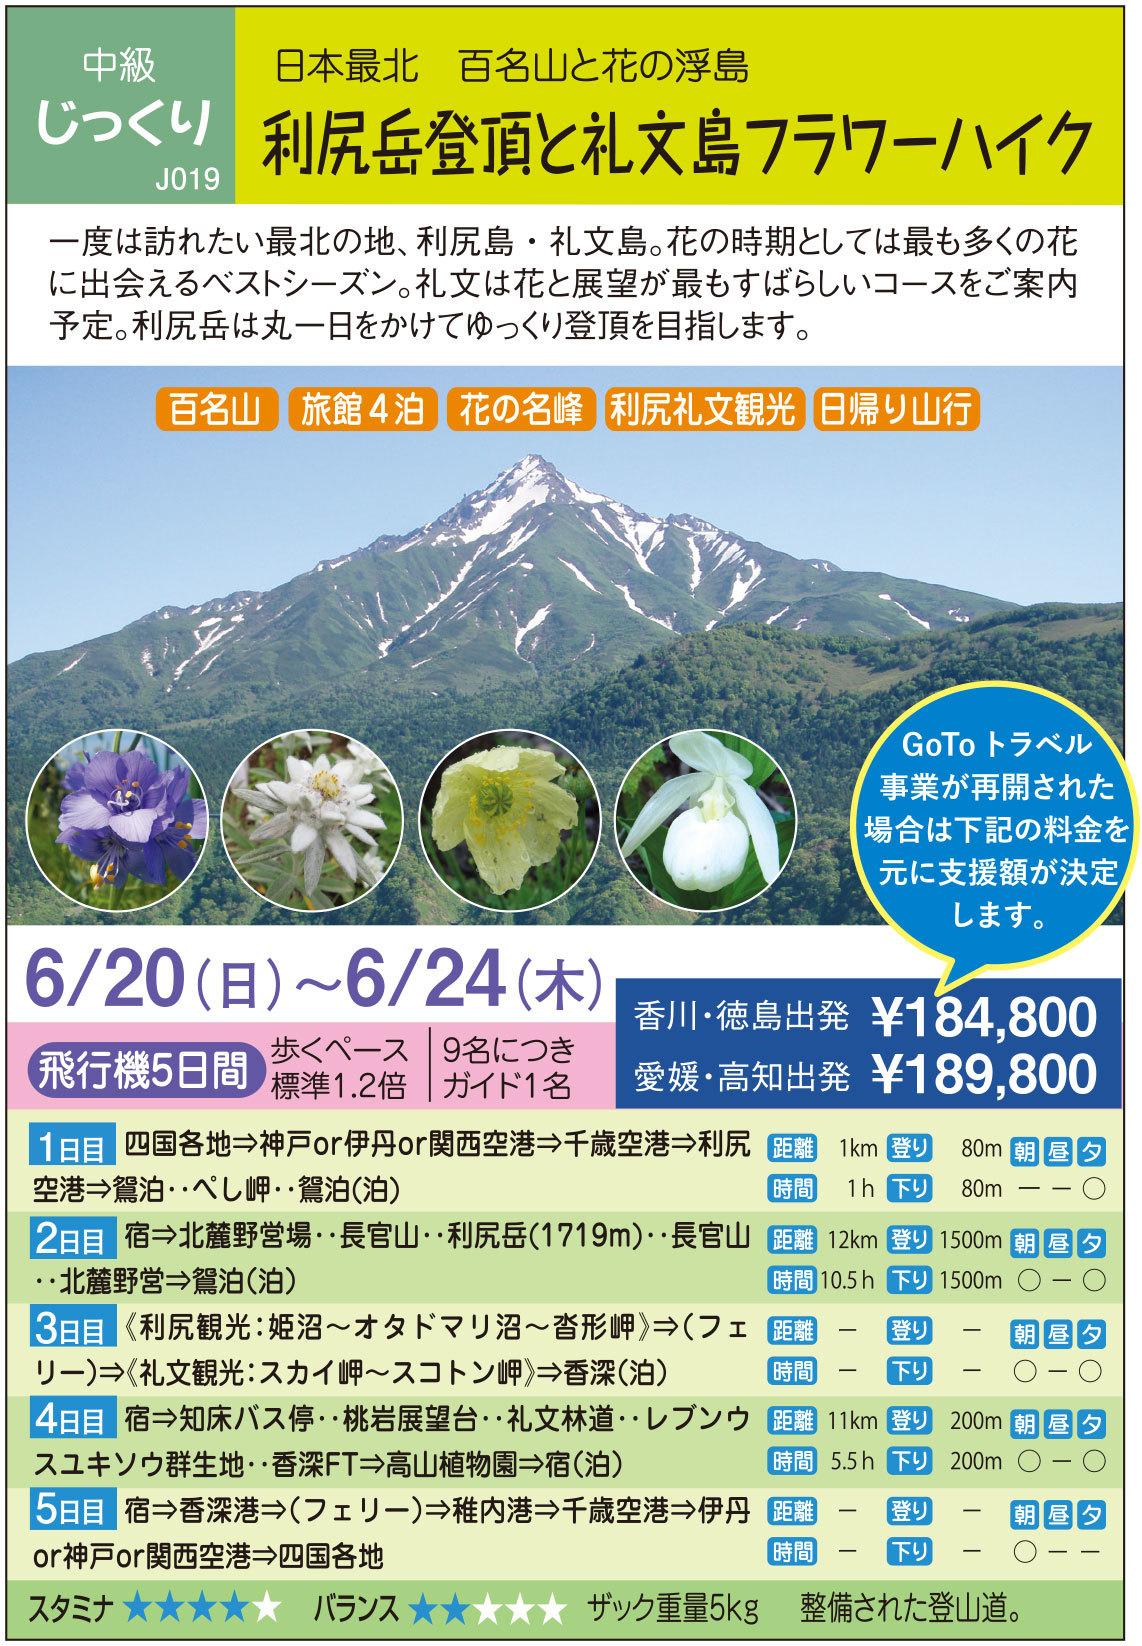 j019rishiri.jpg